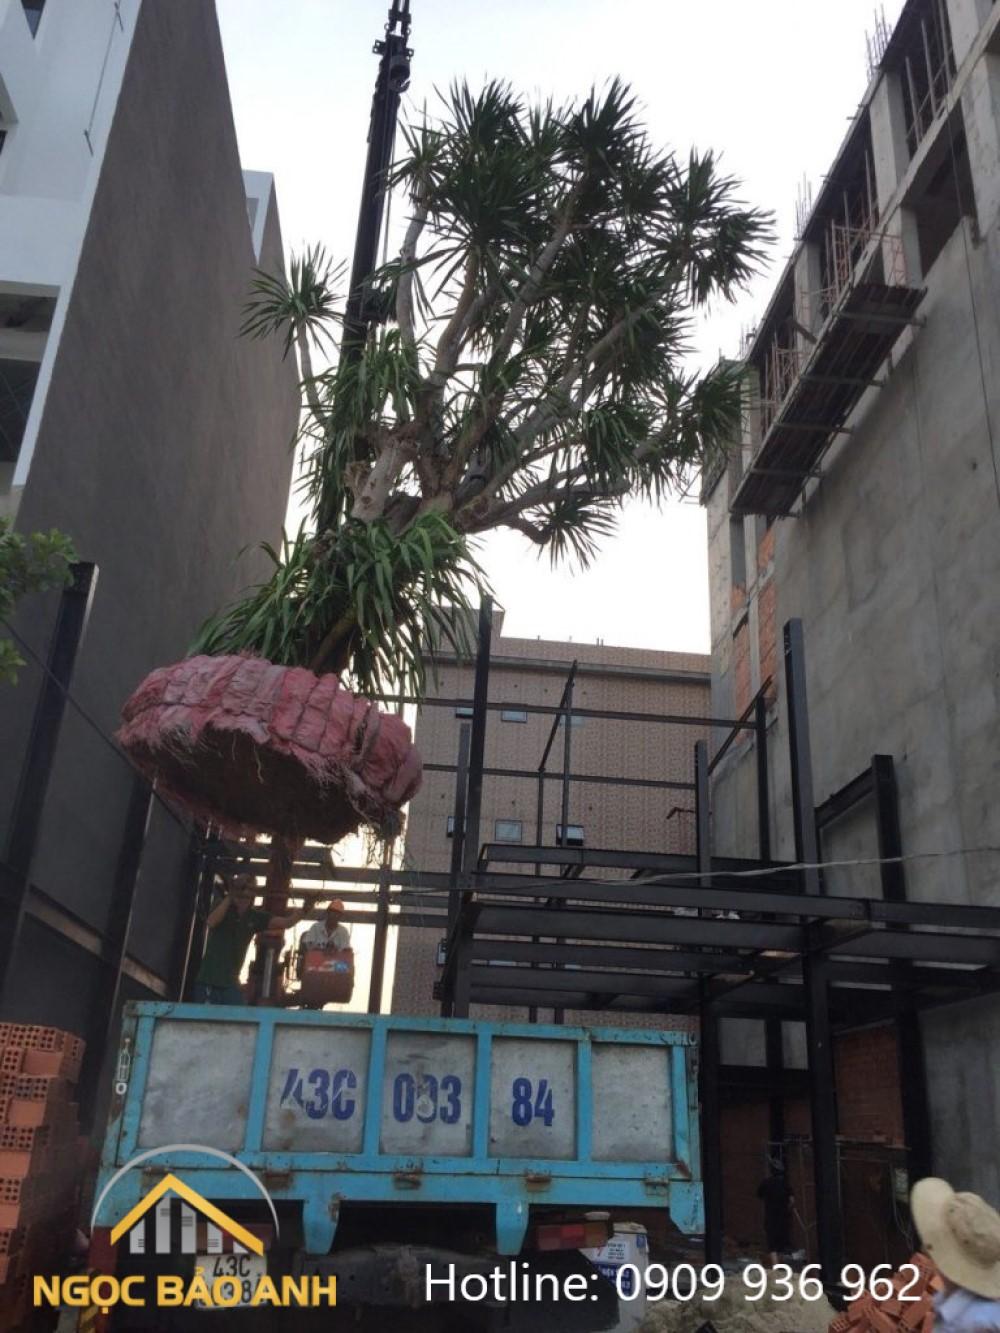 Gia công lắp đặt nhà tiền chế Quận Tân Phú